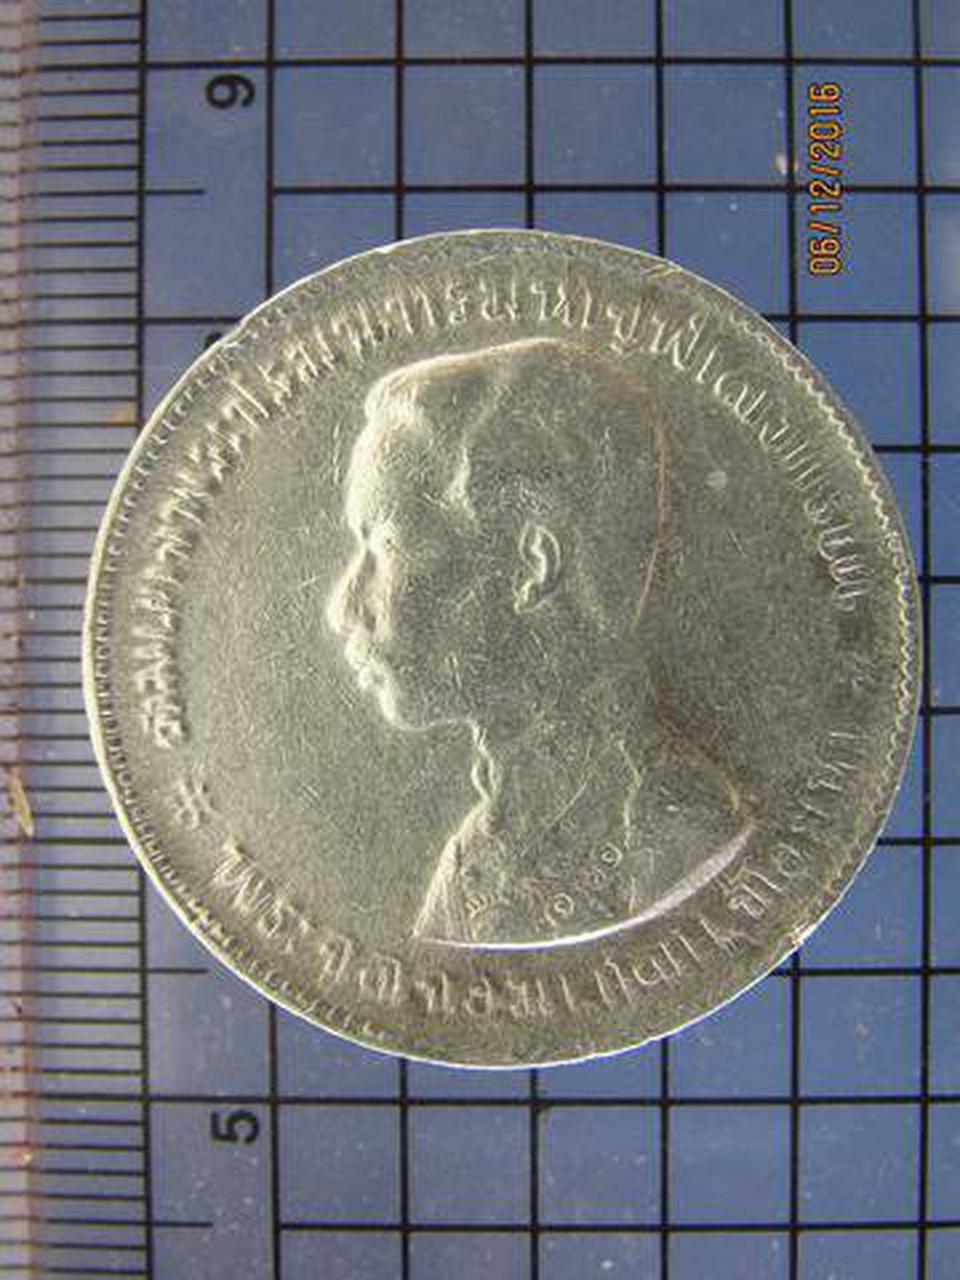 4118 เหรียญเนื้อเงิน ร.5 หนึ่งบาท ไม่มี รศ. หลังตราแผ่นดิน ป รูปที่ 6